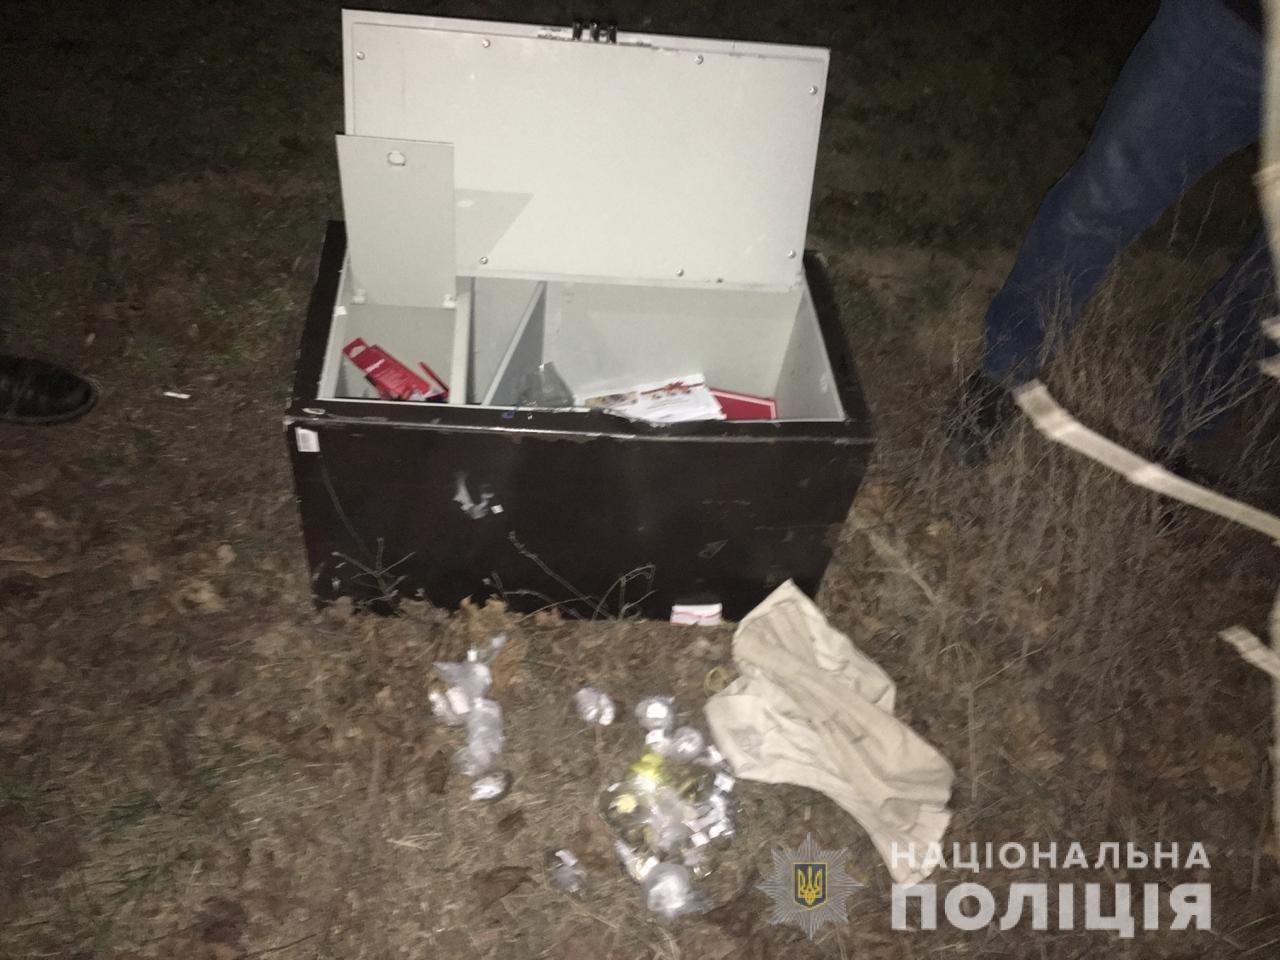 В Одесской области харьковчанин проник в магазин и вынес сейф с десятками тысяч, фото-1